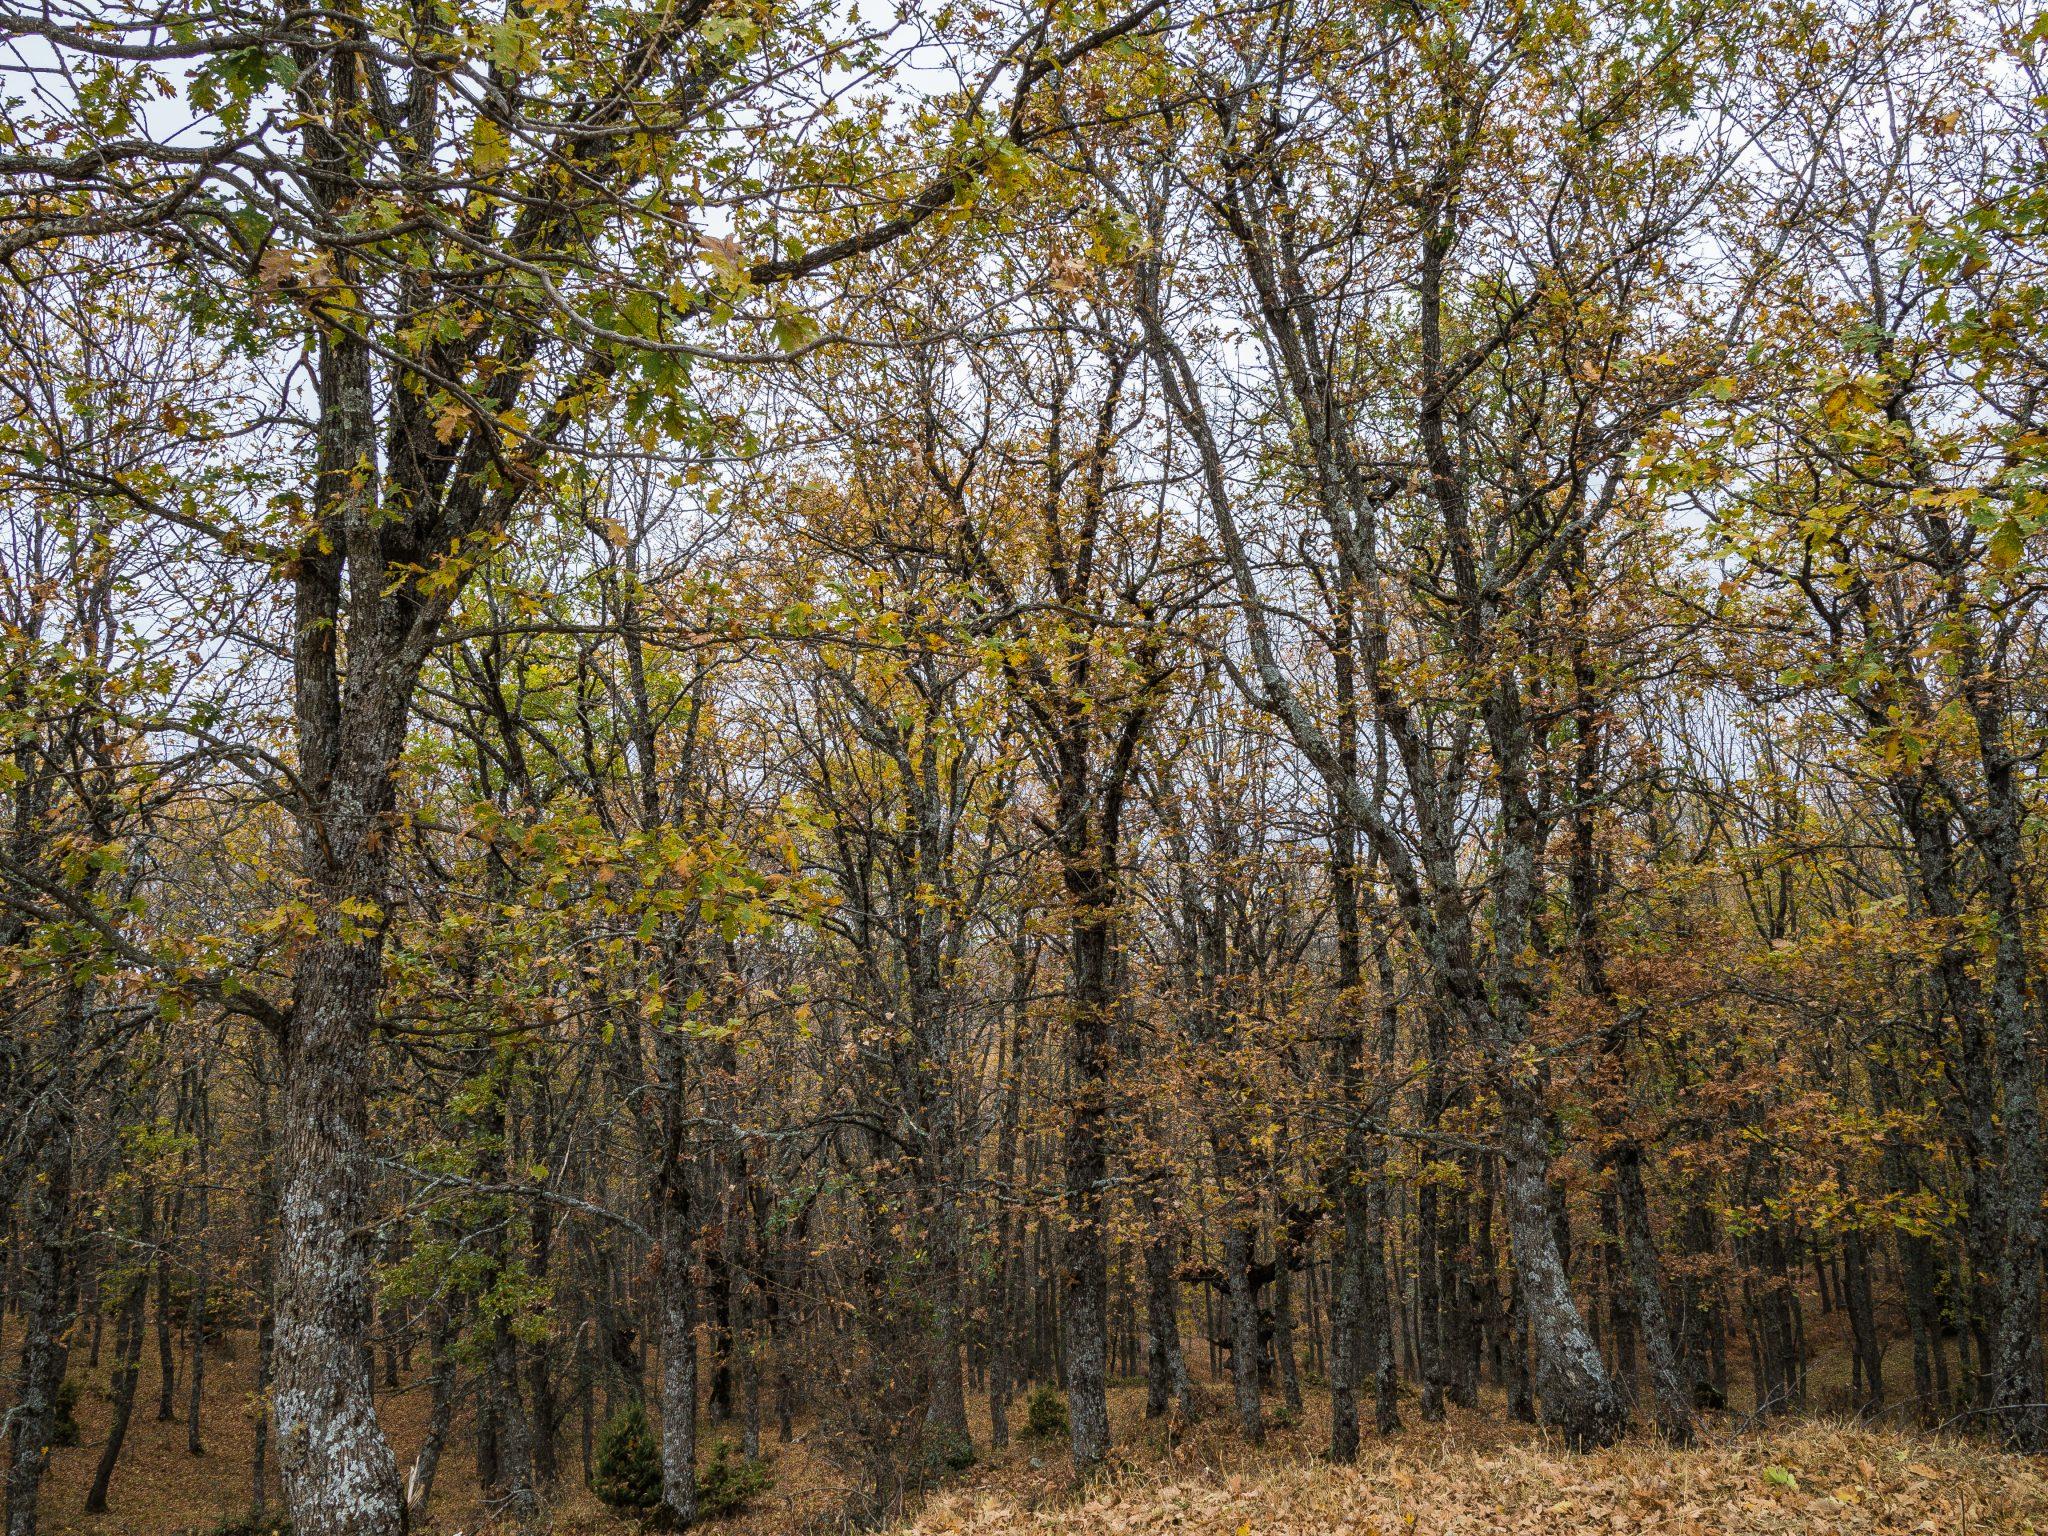 Πανεπιστημιακό δάσος Ταξιάρχη